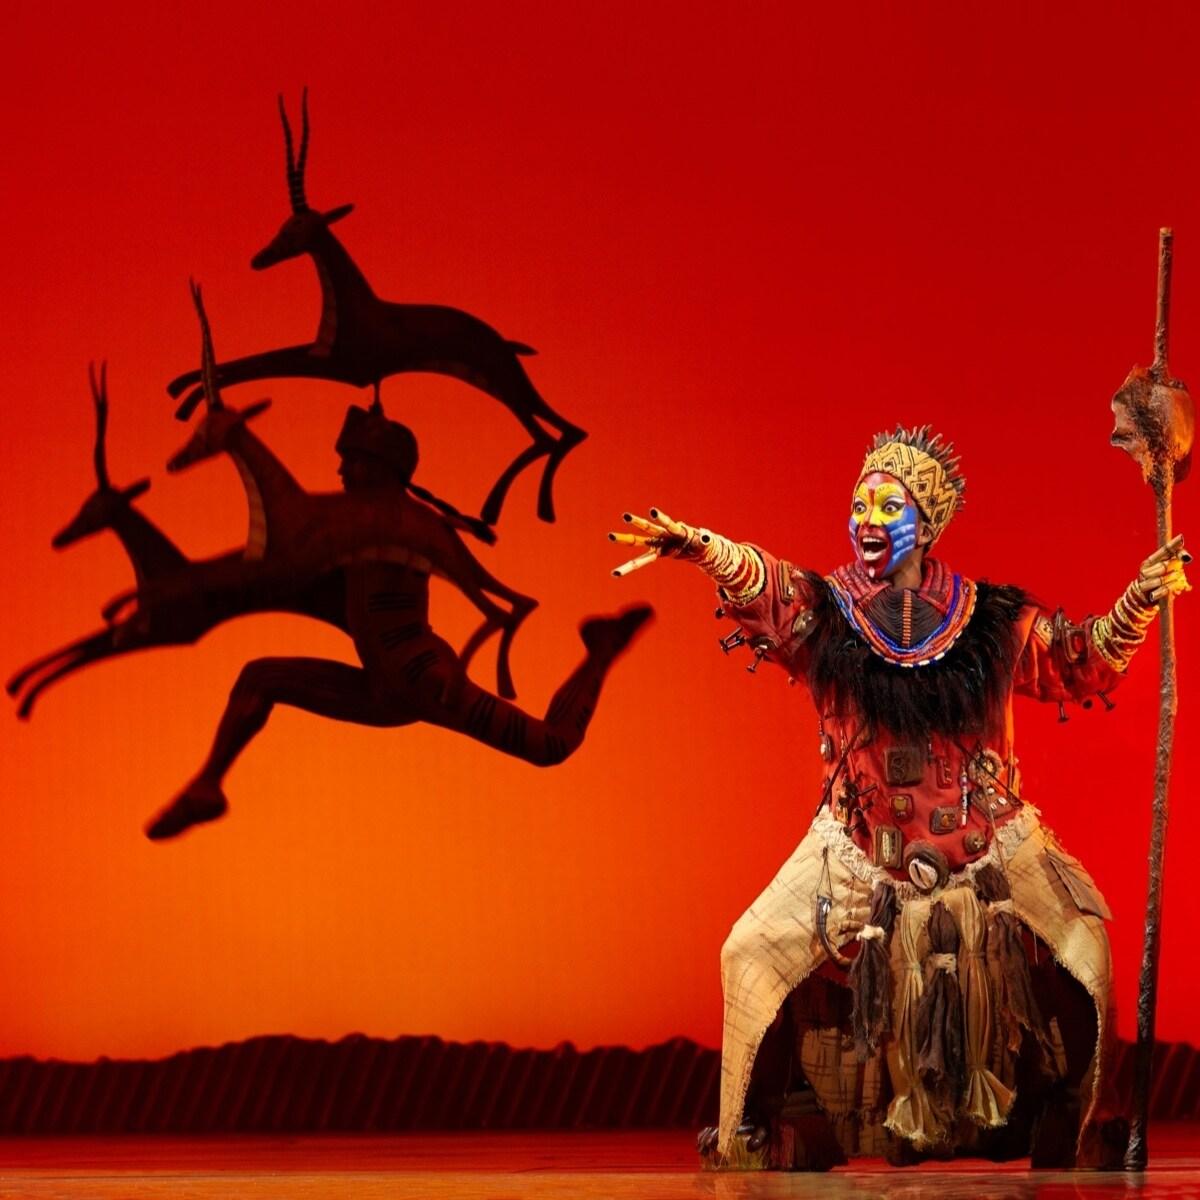 Rafiki cantando en el escenario sobre un fondo rojo con siluetas de gacelas